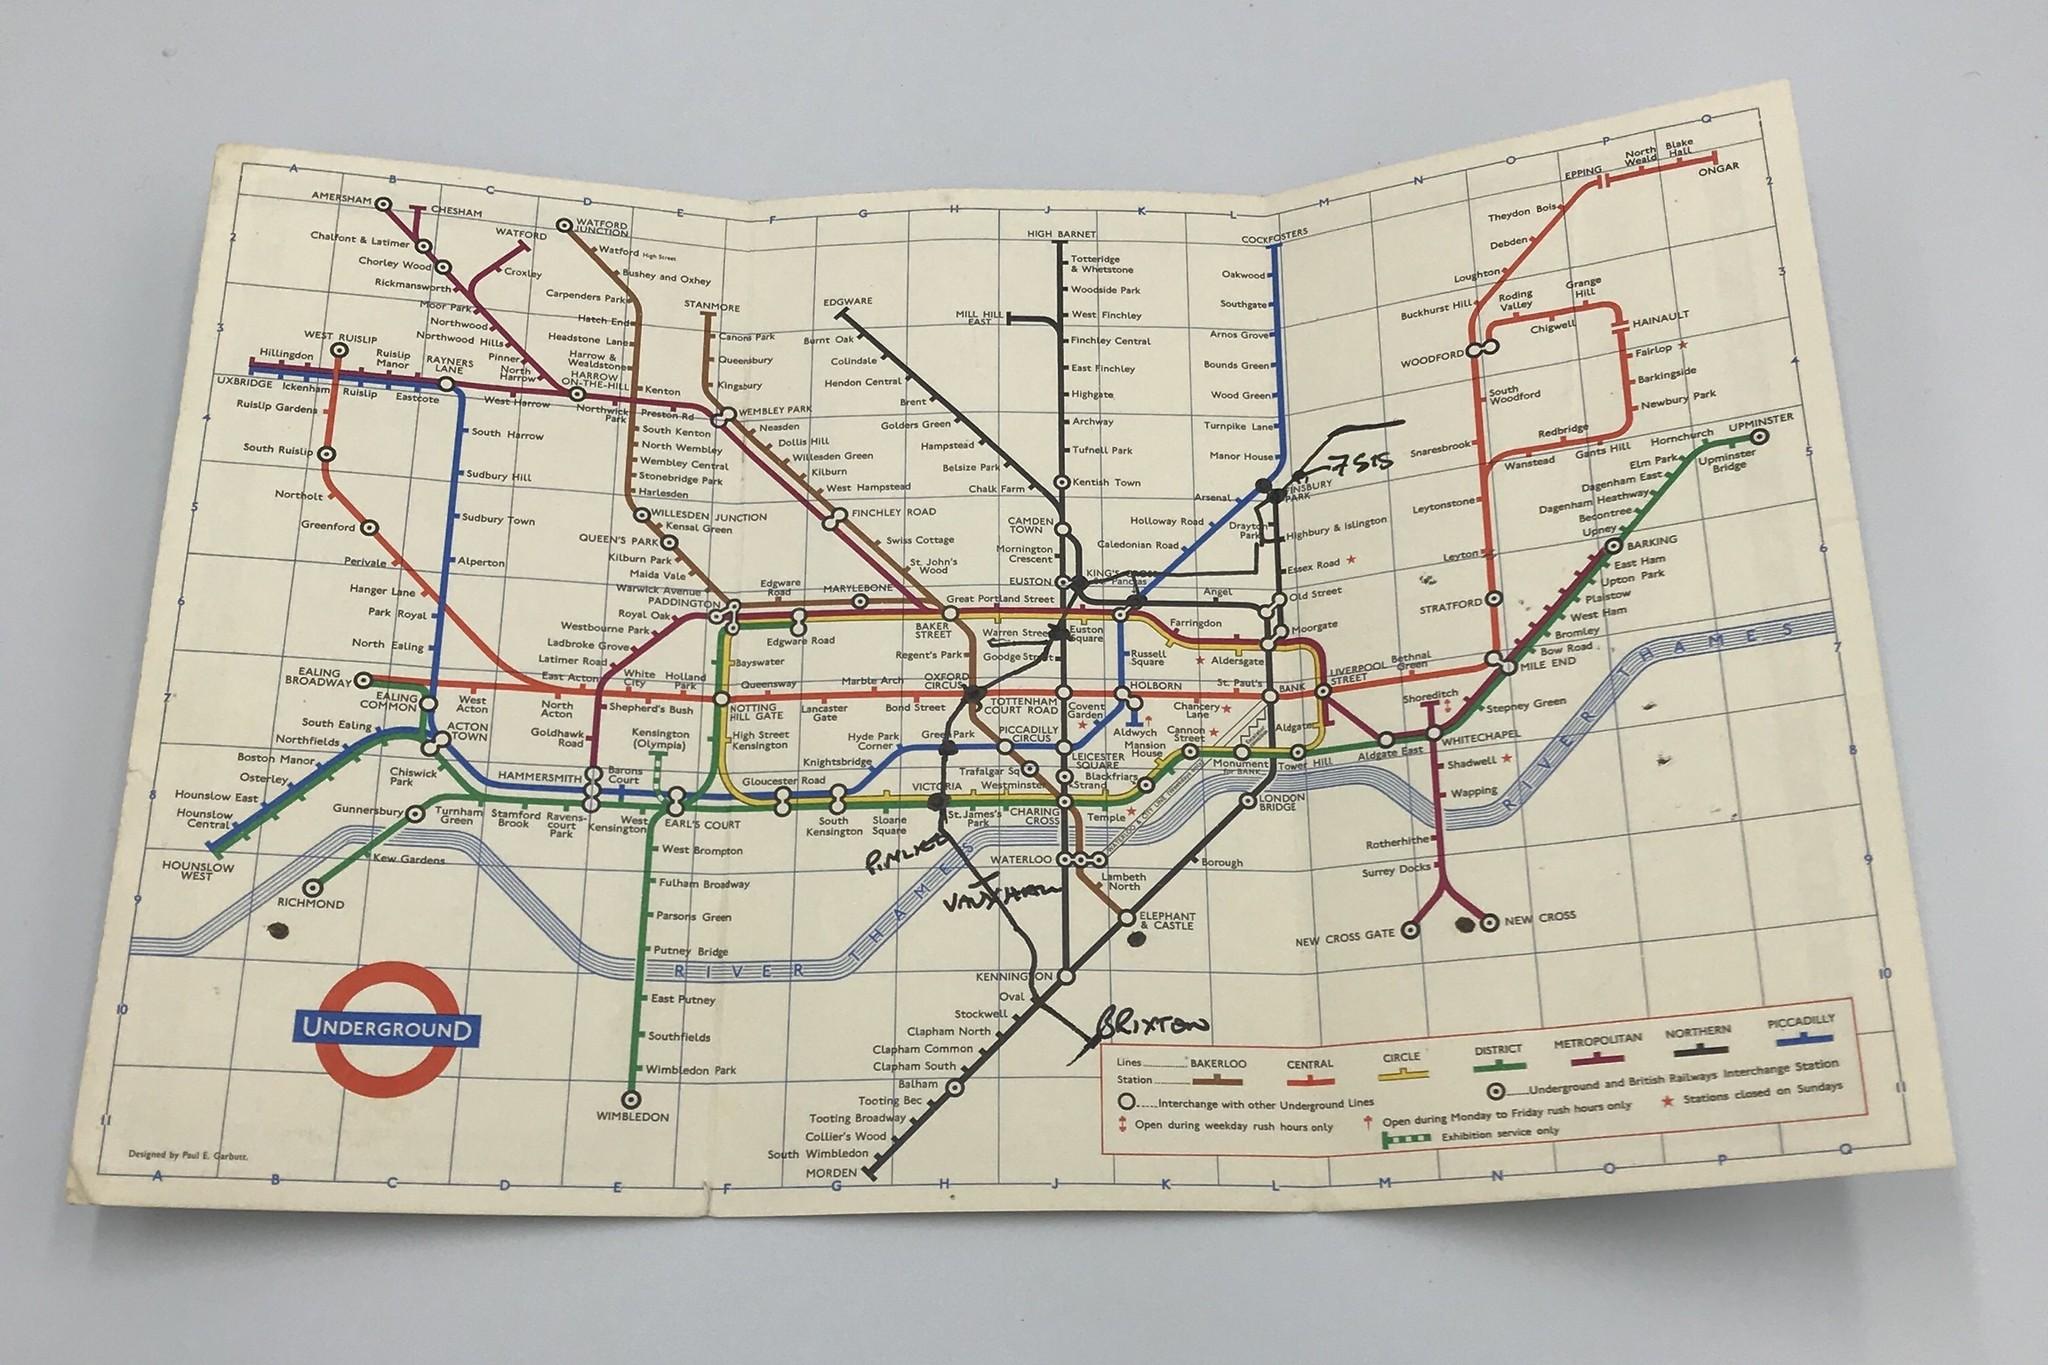 1964年、ロンドンの地下鉄ハンドマップ